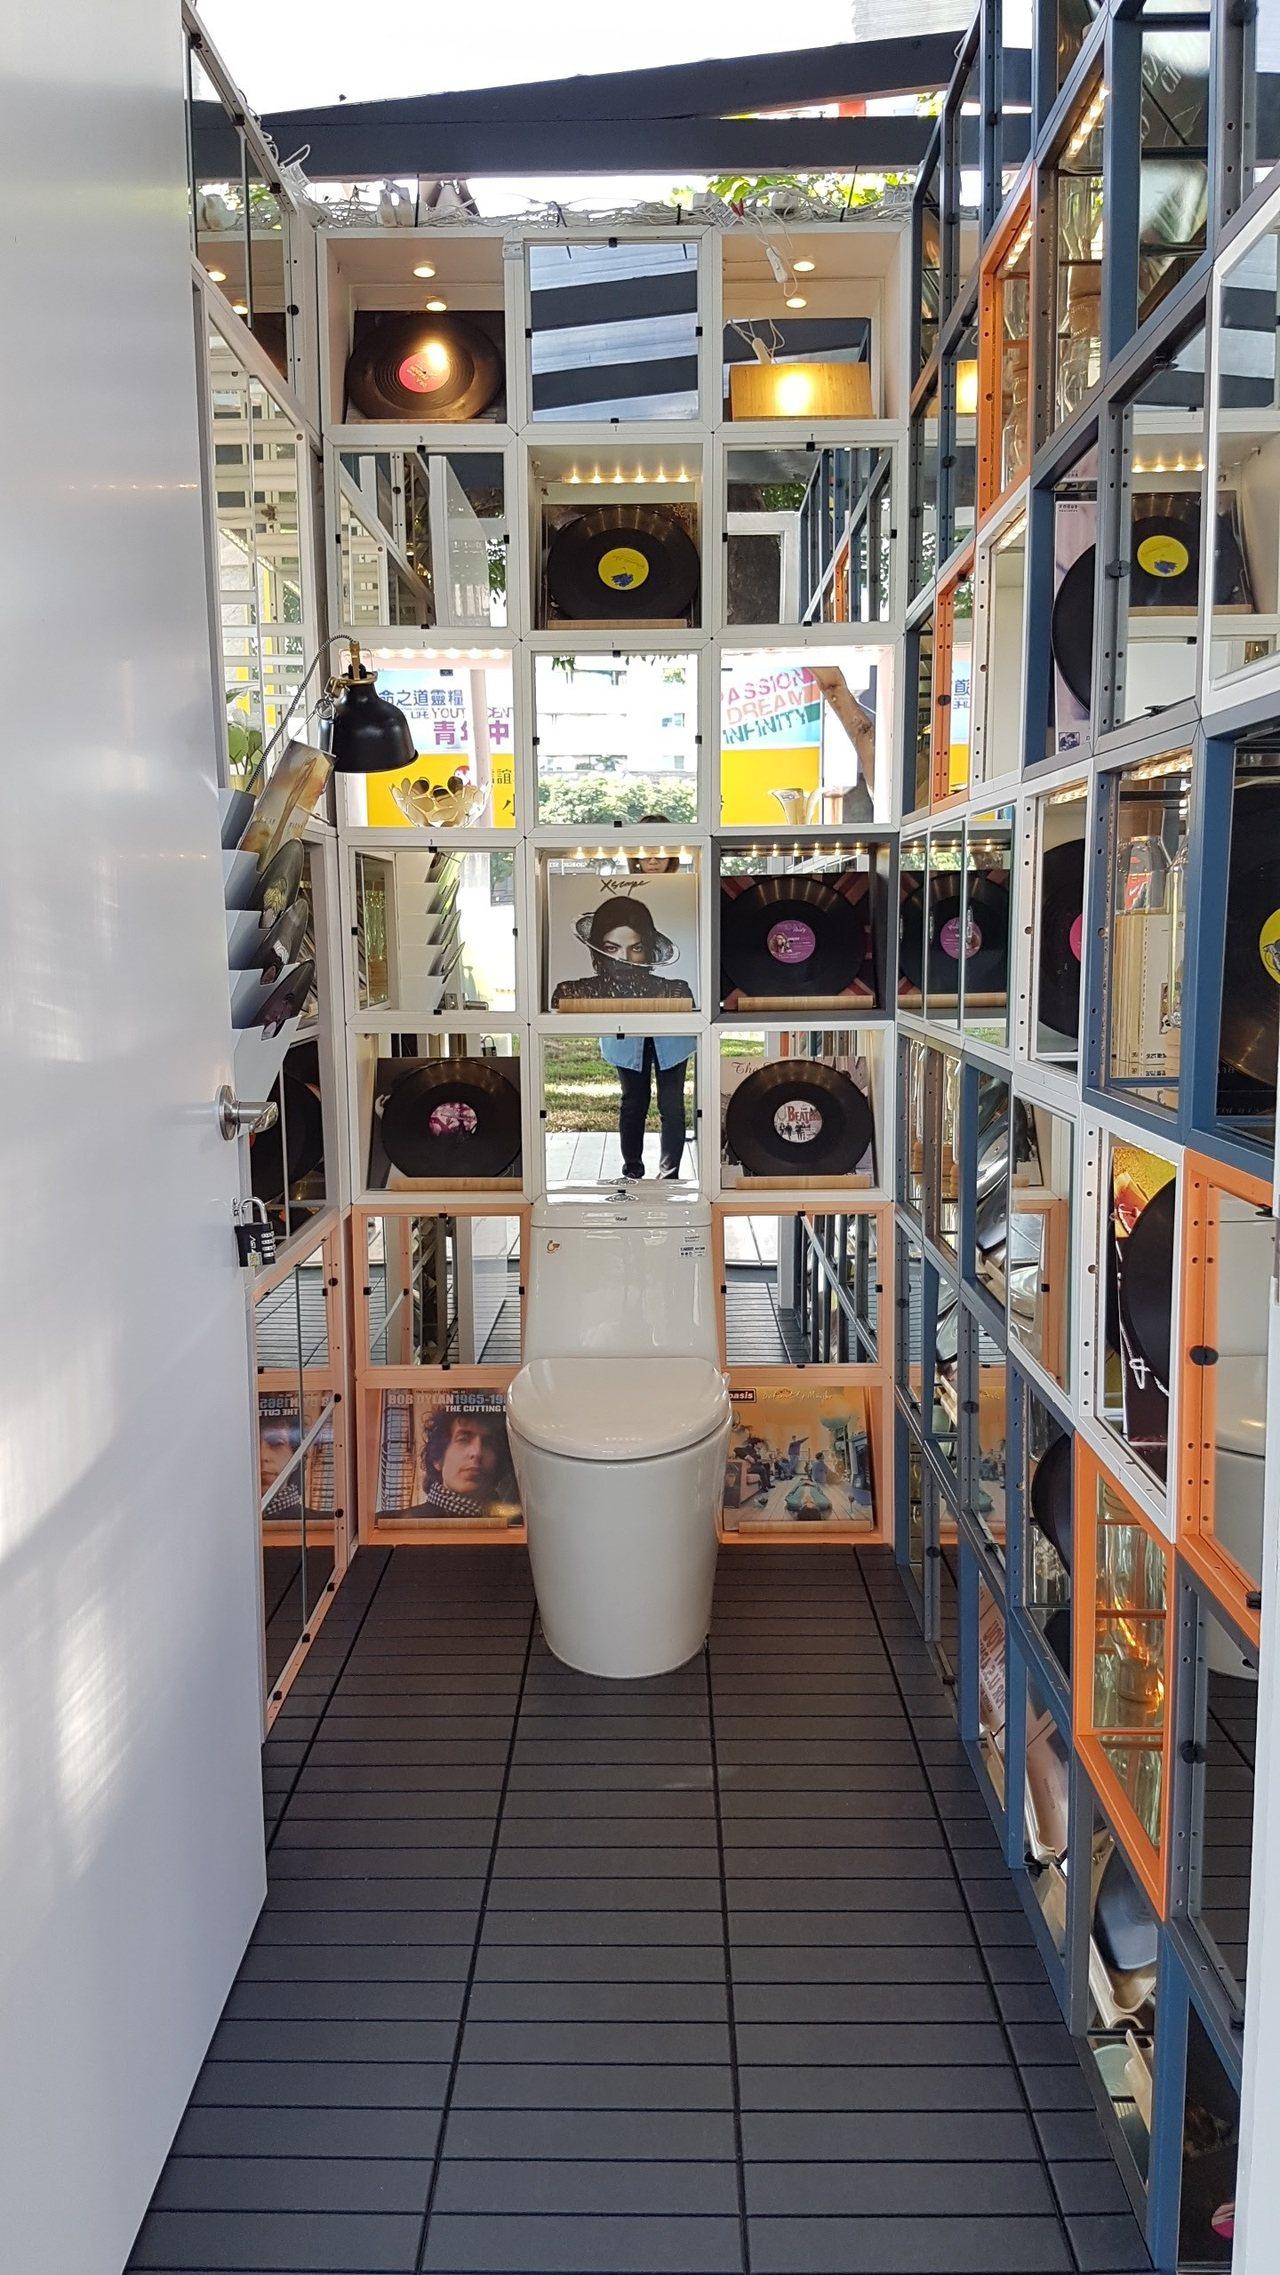 獨處的私人空間廁所,也能充滿趣味。記者王韶憶/攝影